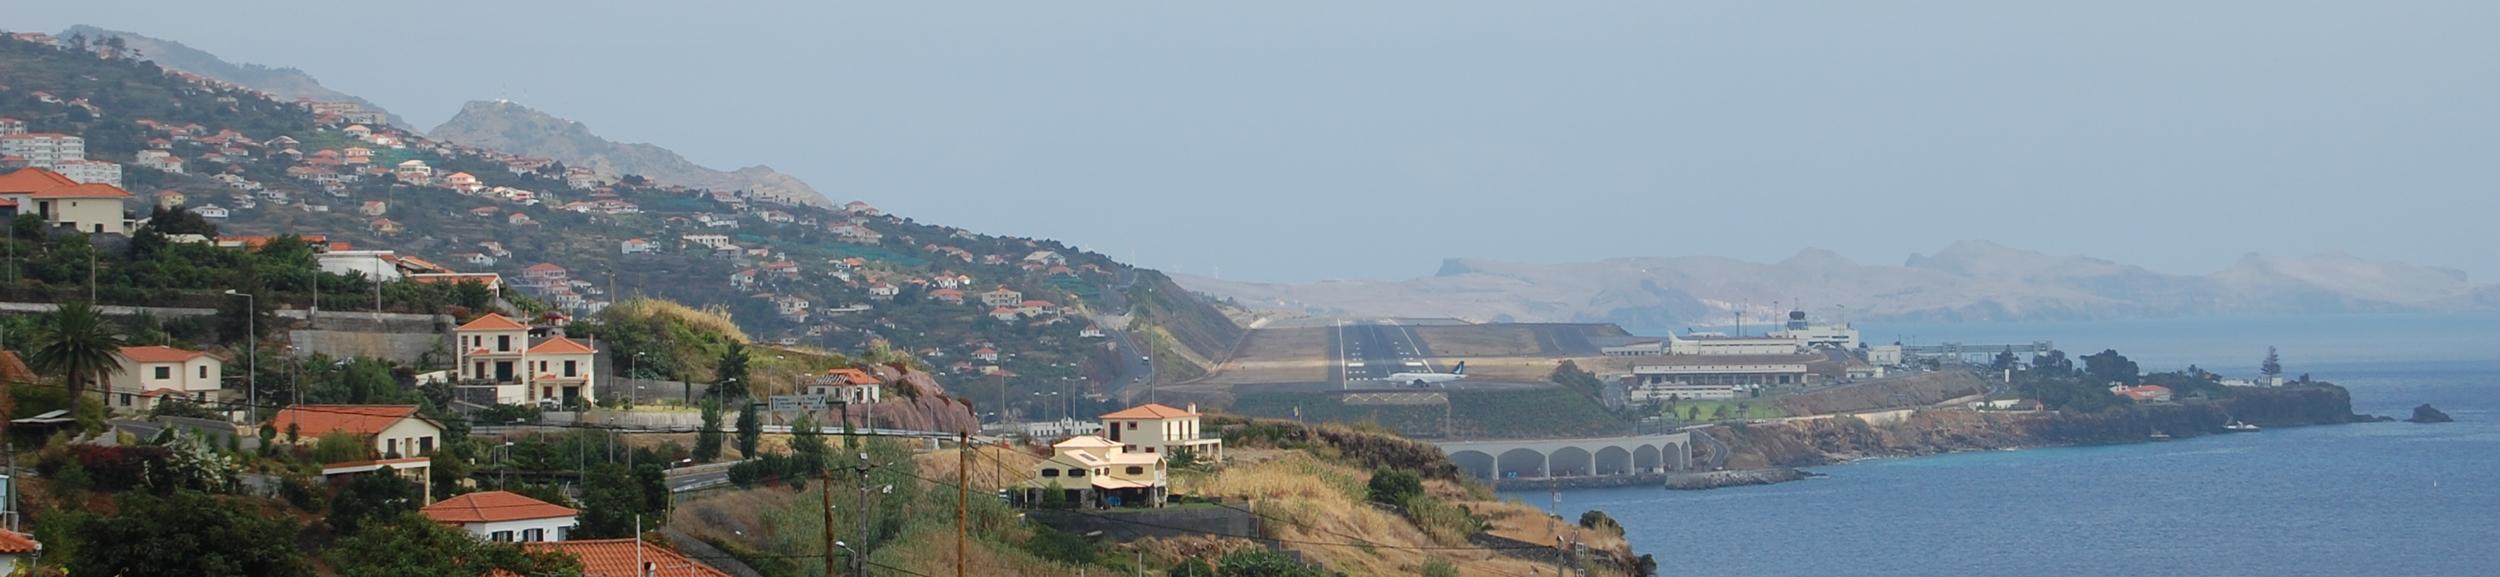 Funchalaeroport